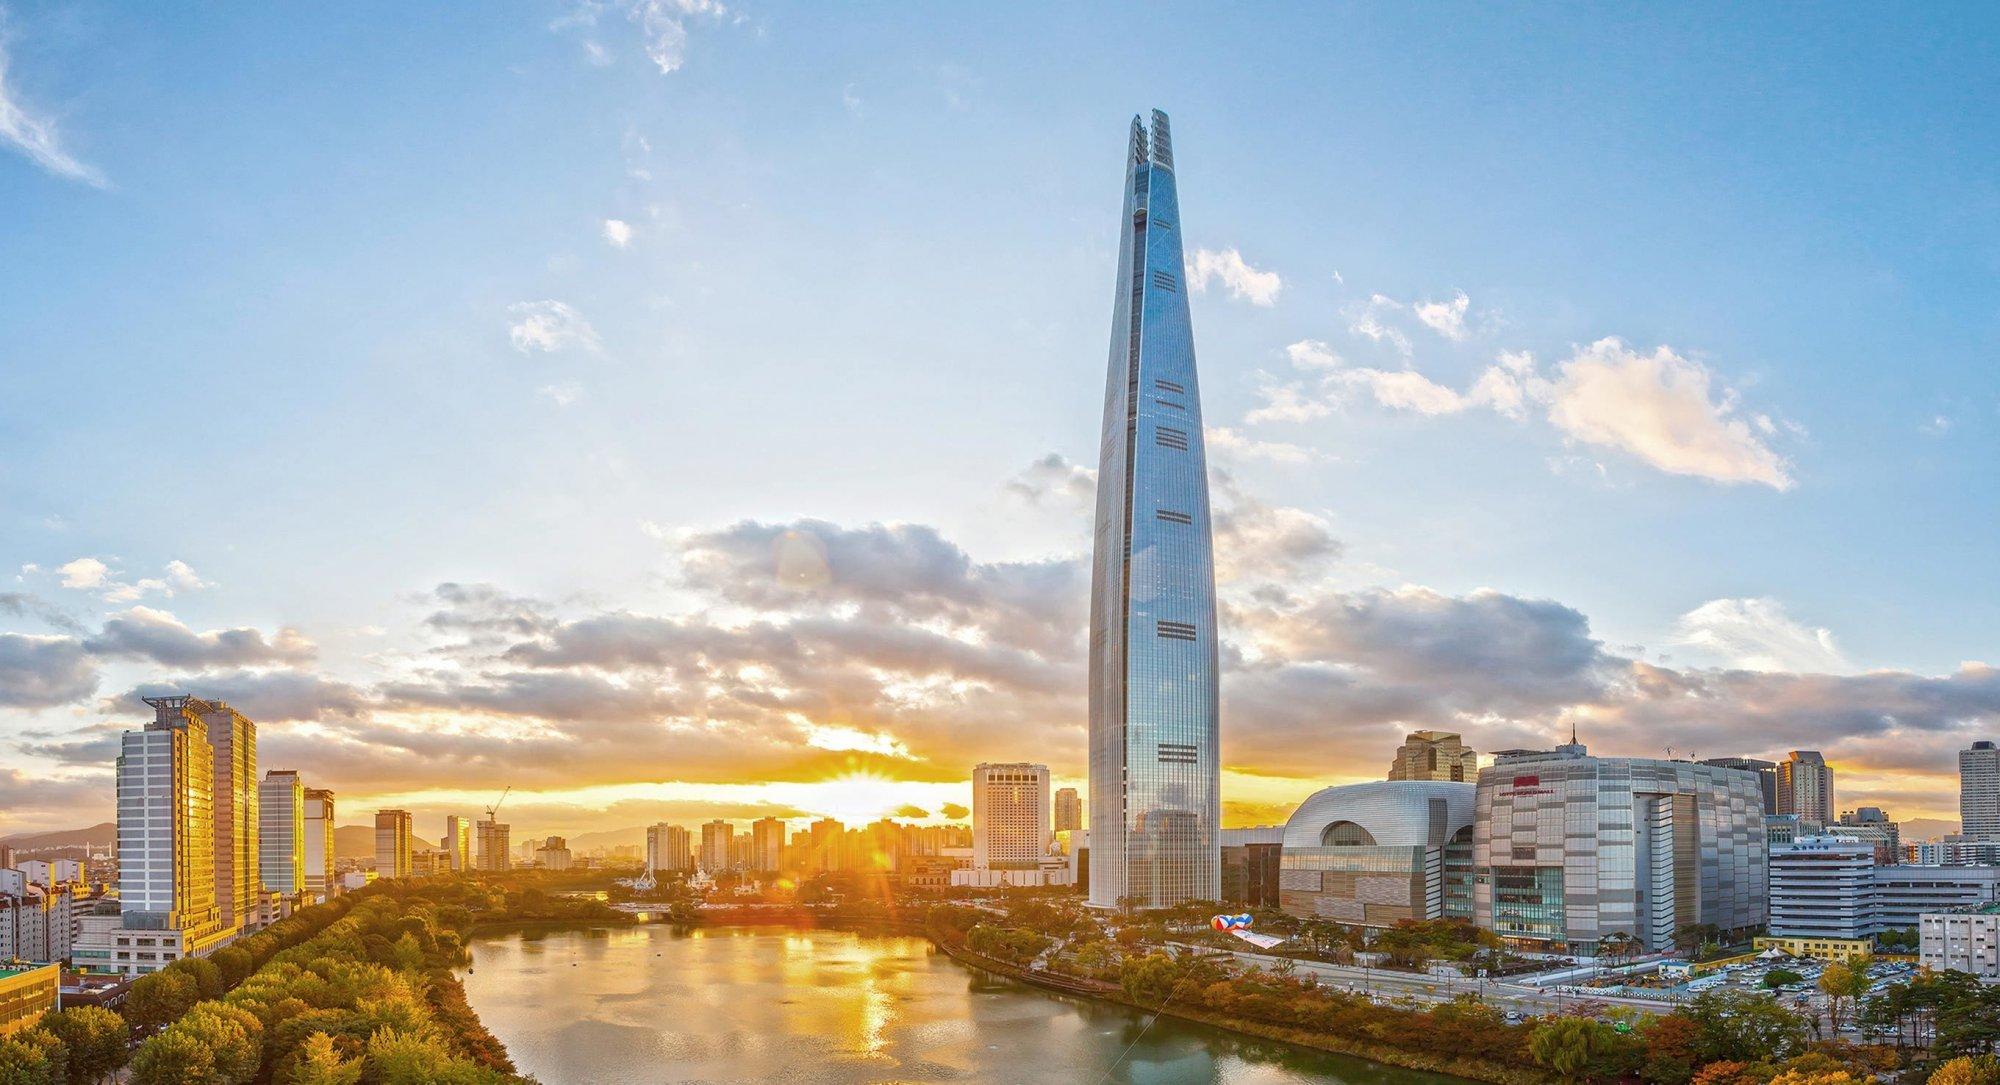 № 5. Lotte World Tower   Высота:554,5м, 123 этажа Место: Сеул, Южная Корея Назначение: отель иофисы Архитектура: Kohn Pedersen Fox Associates (KPF) Дата строительства: 2017 год